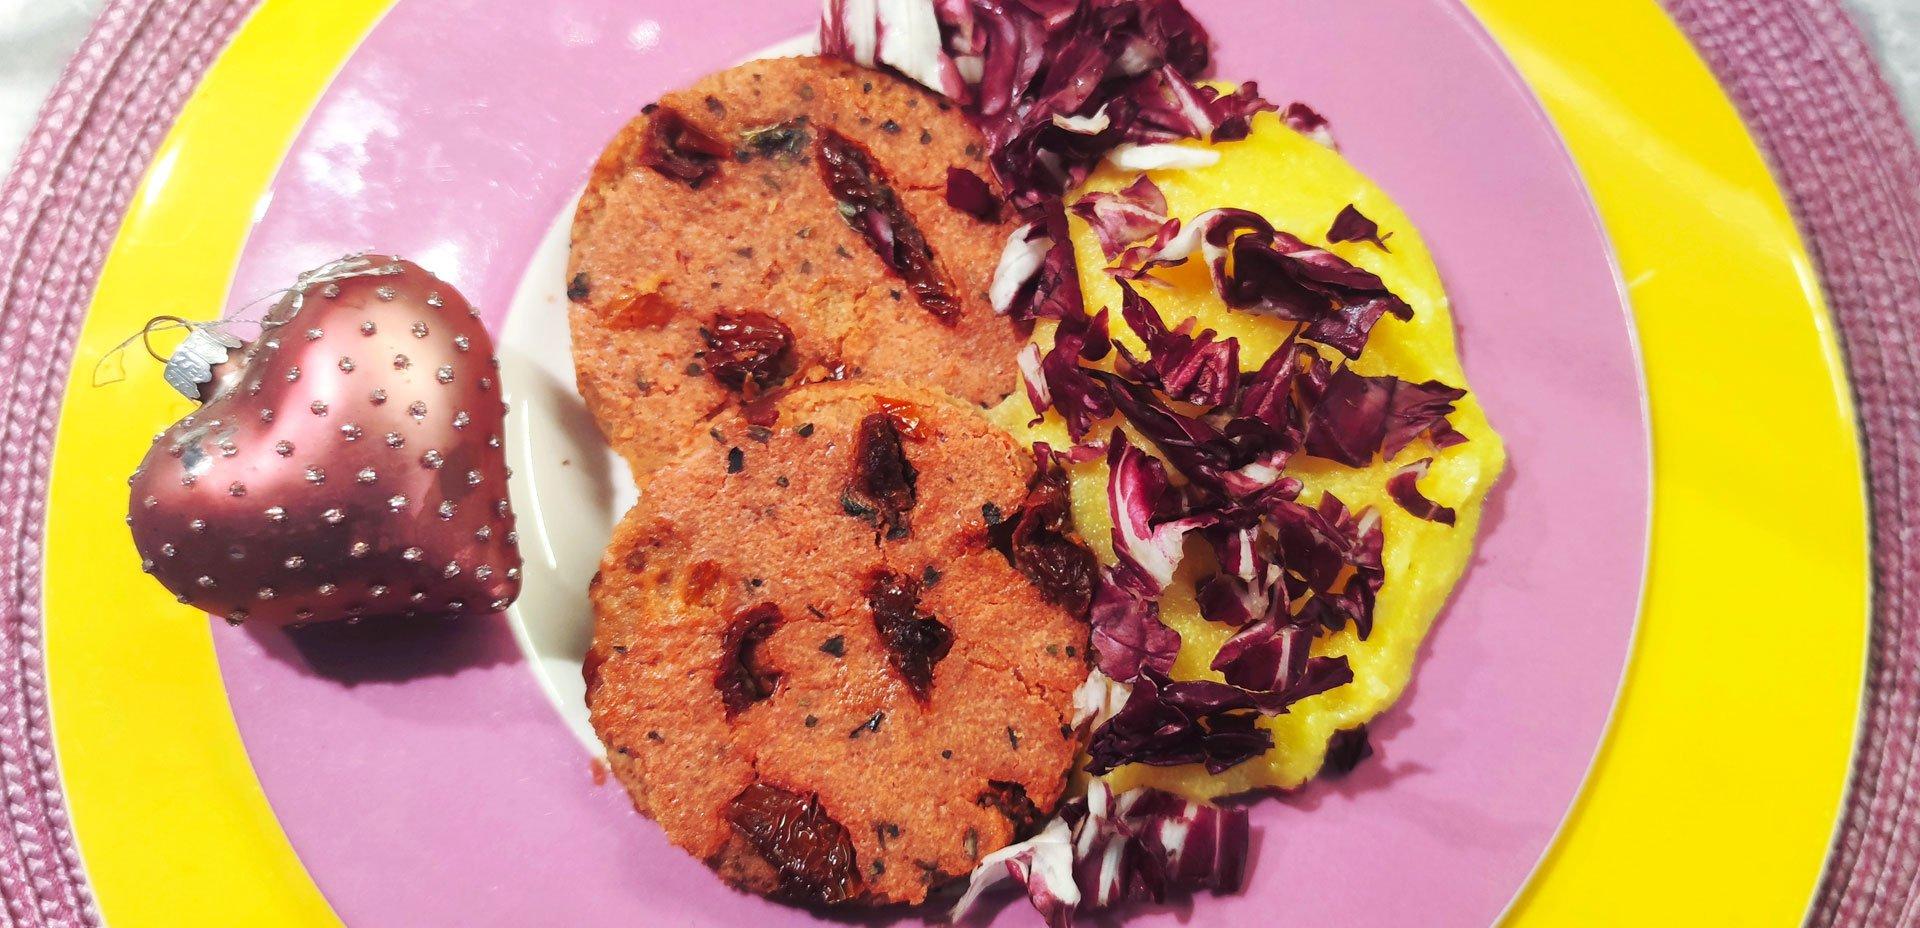 Polentina con burger di rapa rossa e pomodorini secchi